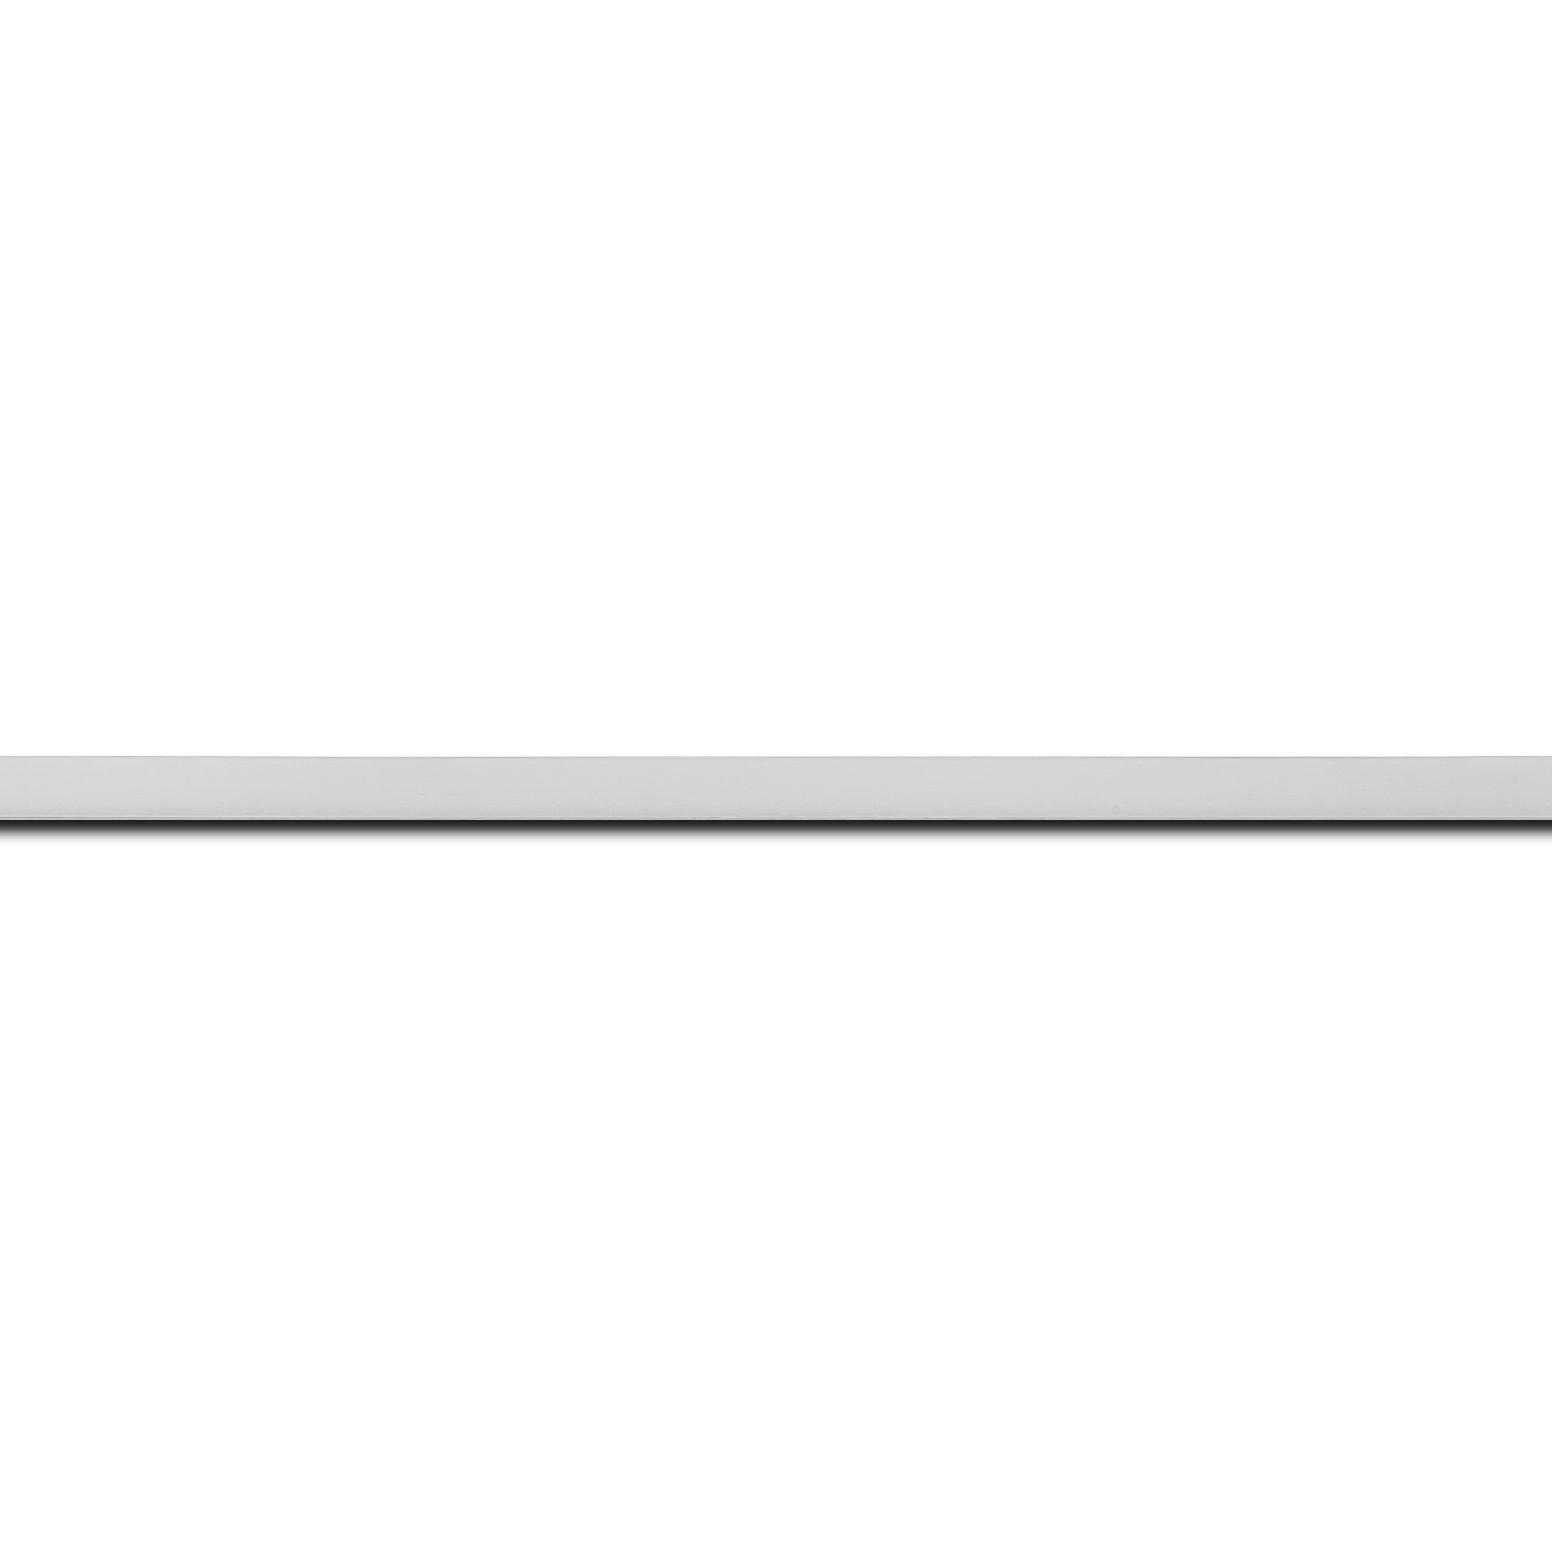 Pack par 12m, bois recouvert aluminium profil plat largeur 2.5cm argent brossé bord droit (longueur baguette pouvant varier entre 2.40m et 3m selon arrivage des bois)